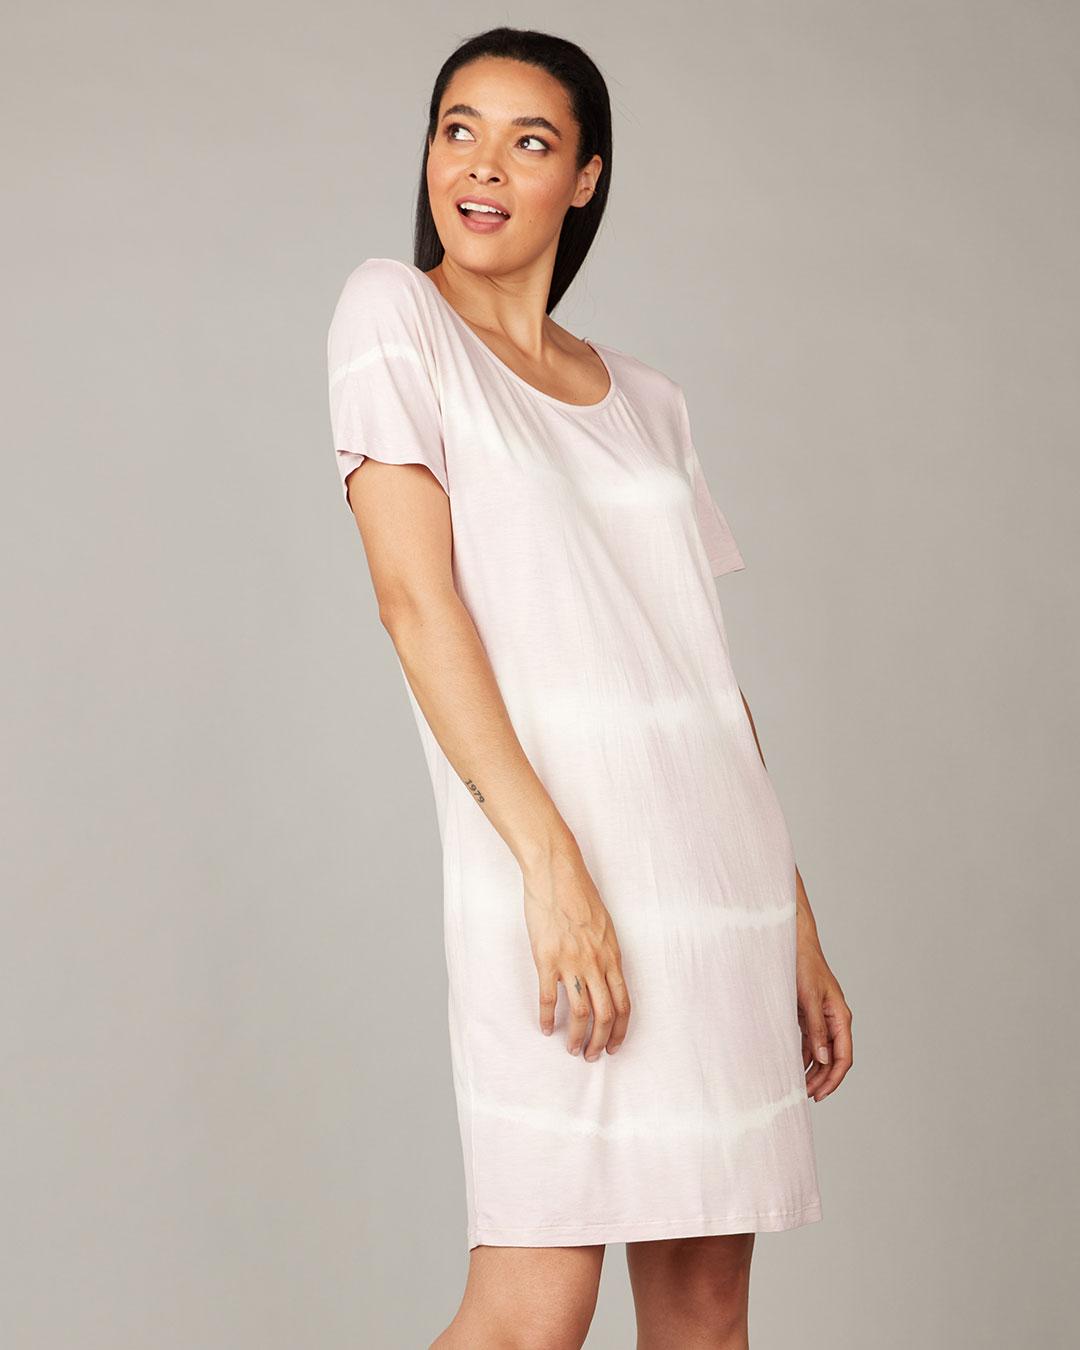 pistache-clothing-tie-dye-shift-dress-01-dianes-lingerie-vancouver-1080x1350